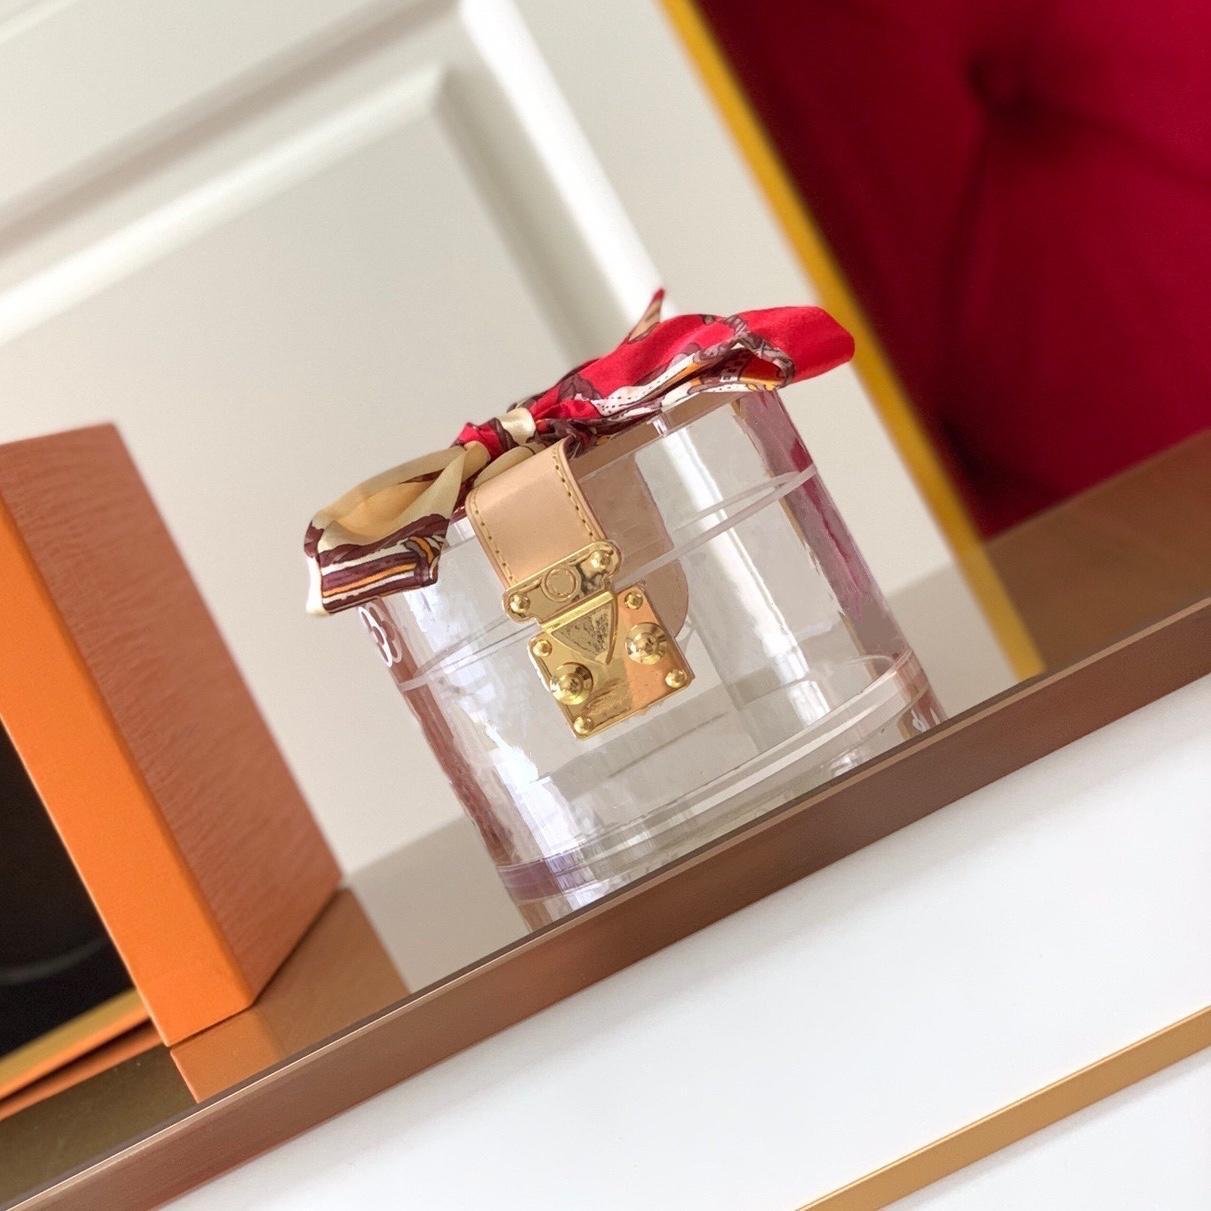 Cilindro Scott box glamours para manter a maquiagem de jóias transparente plexiglass reluzente metal decorativo caixa de molho deslumbrante noto